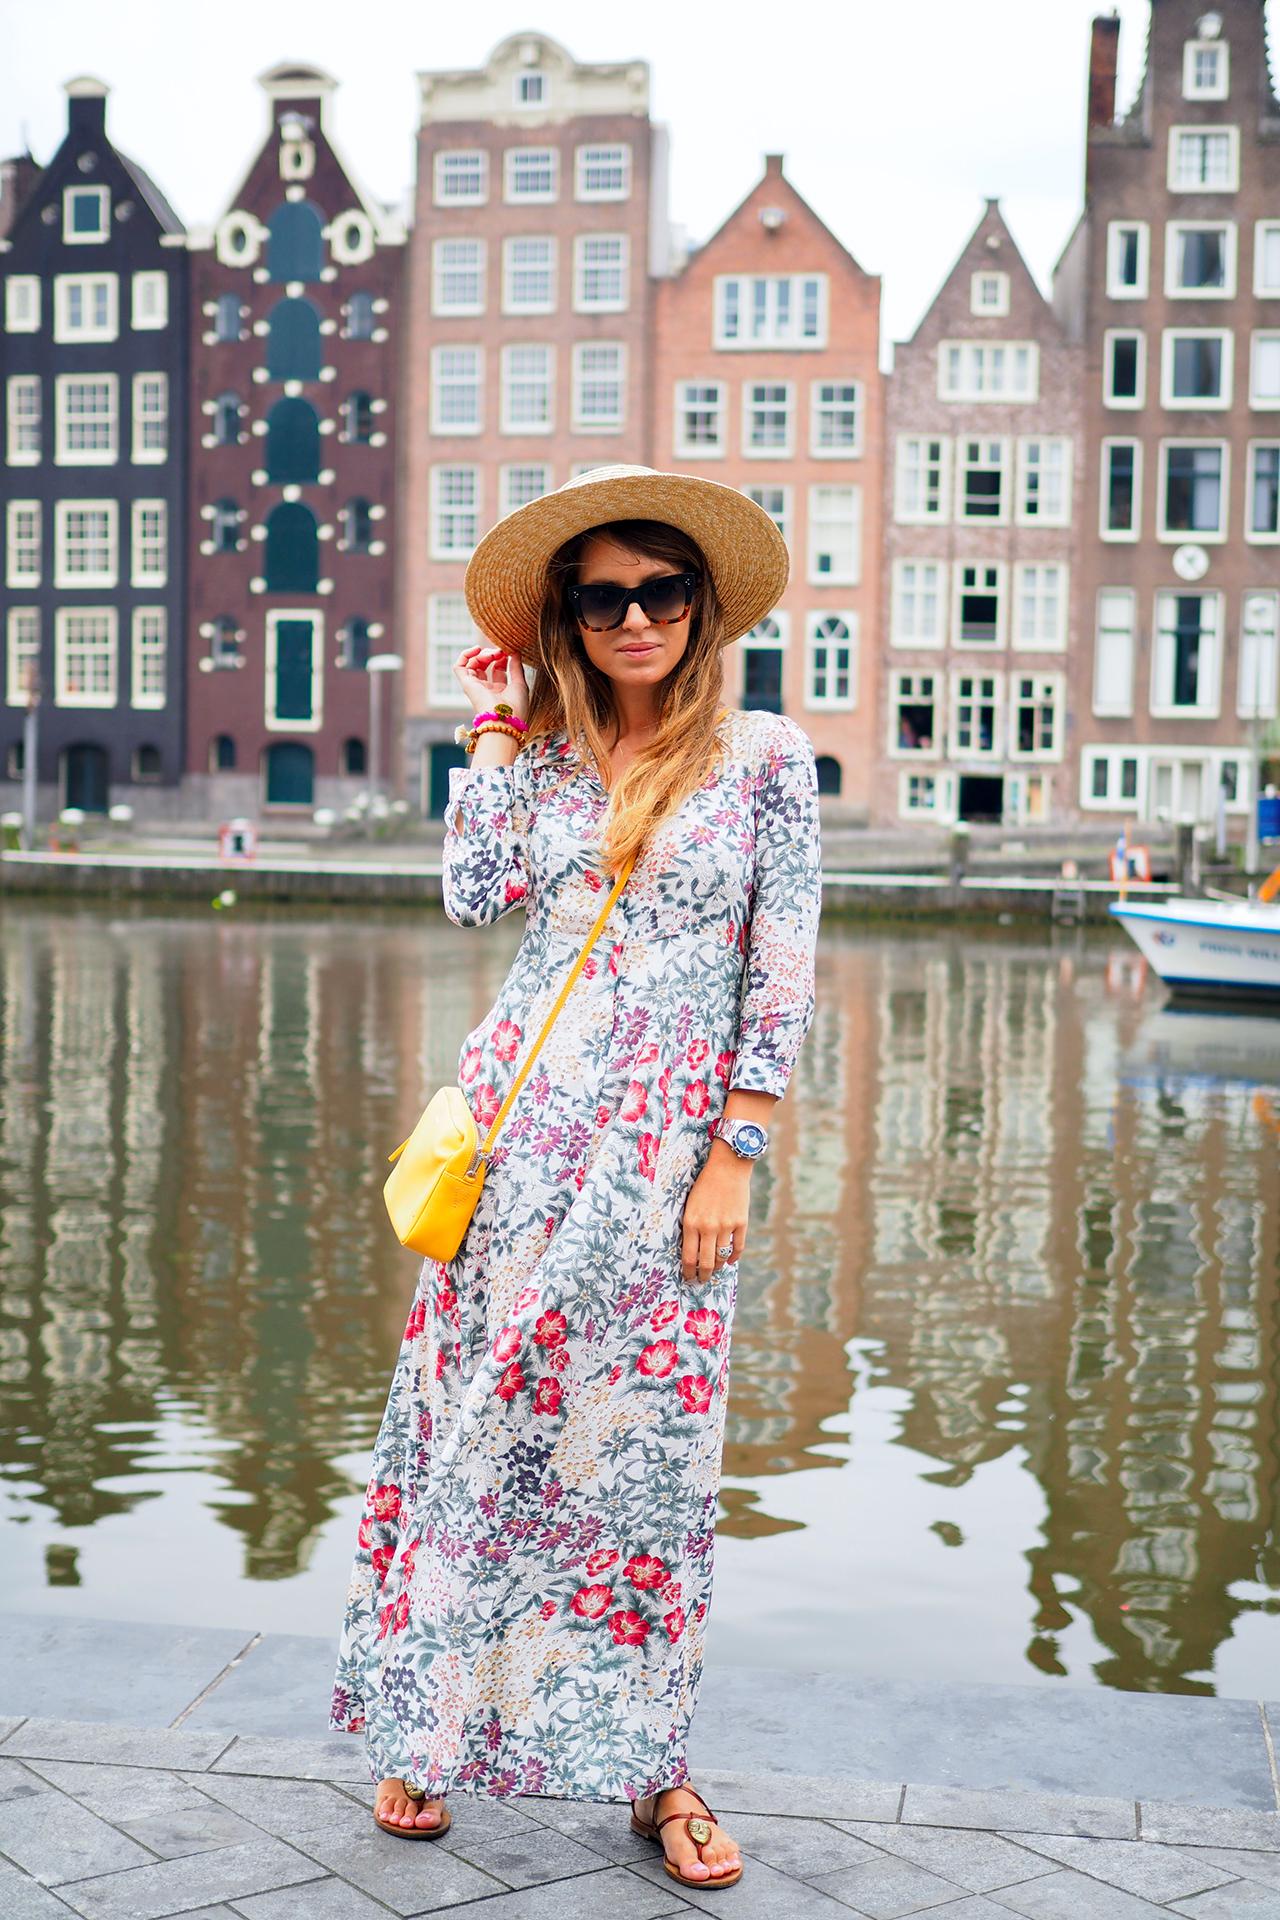 Qué ver en Amsterdam - Museo qué ver en amsterdam - 33142835891 bd9c38db26 o - Qué ver en Amsterdam